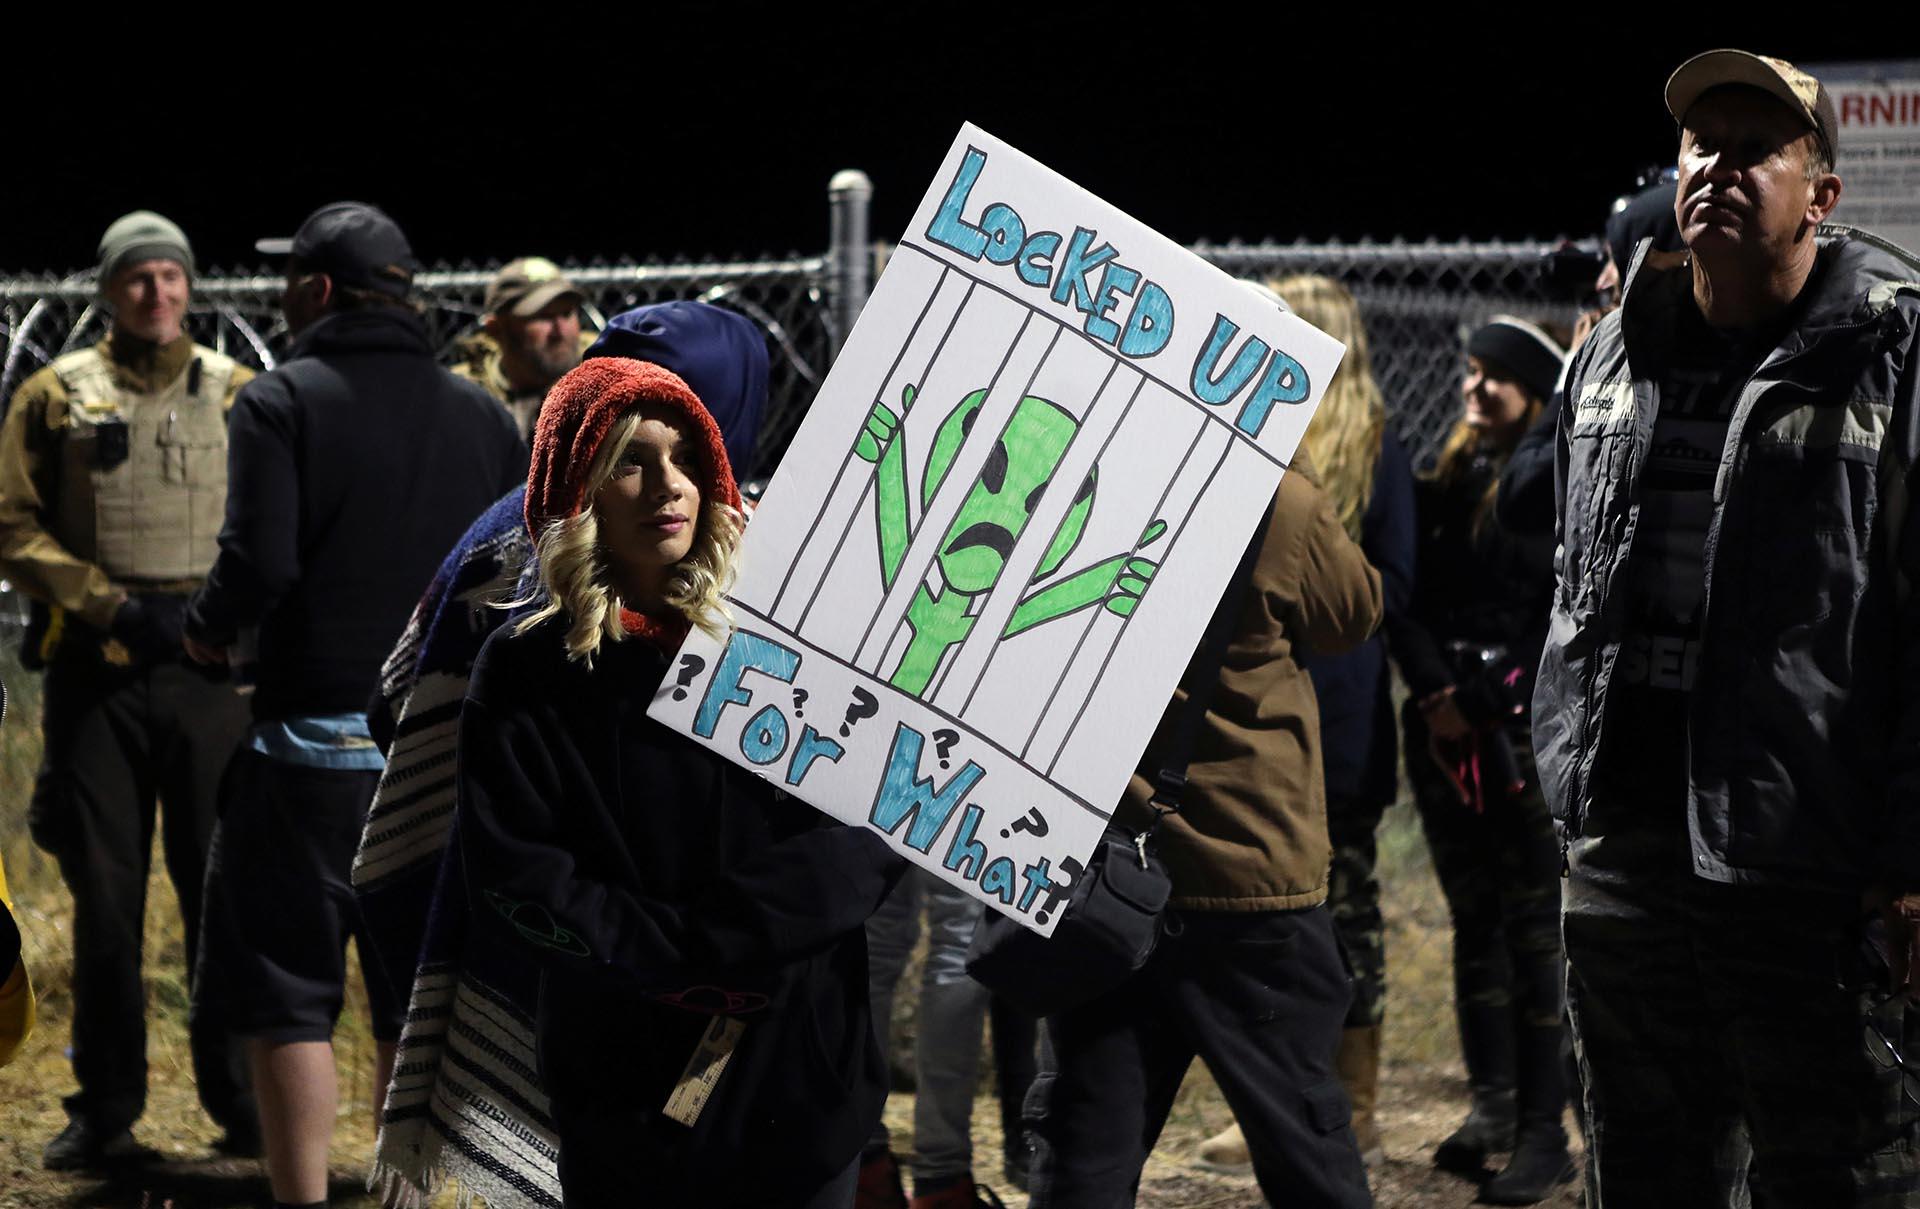 """Una mujer lleva un letrero que dice """"Encerrados, ¿por qué?"""" frente a una puerta del Área 51, una base militar secreta de los EEUU que los entusiastas de los OVNIS creen que guarda secretos del gobierno sobre extraterrestres, en Rachel, Nevada, EEUU (REUTERS/Jim Urquhart)"""